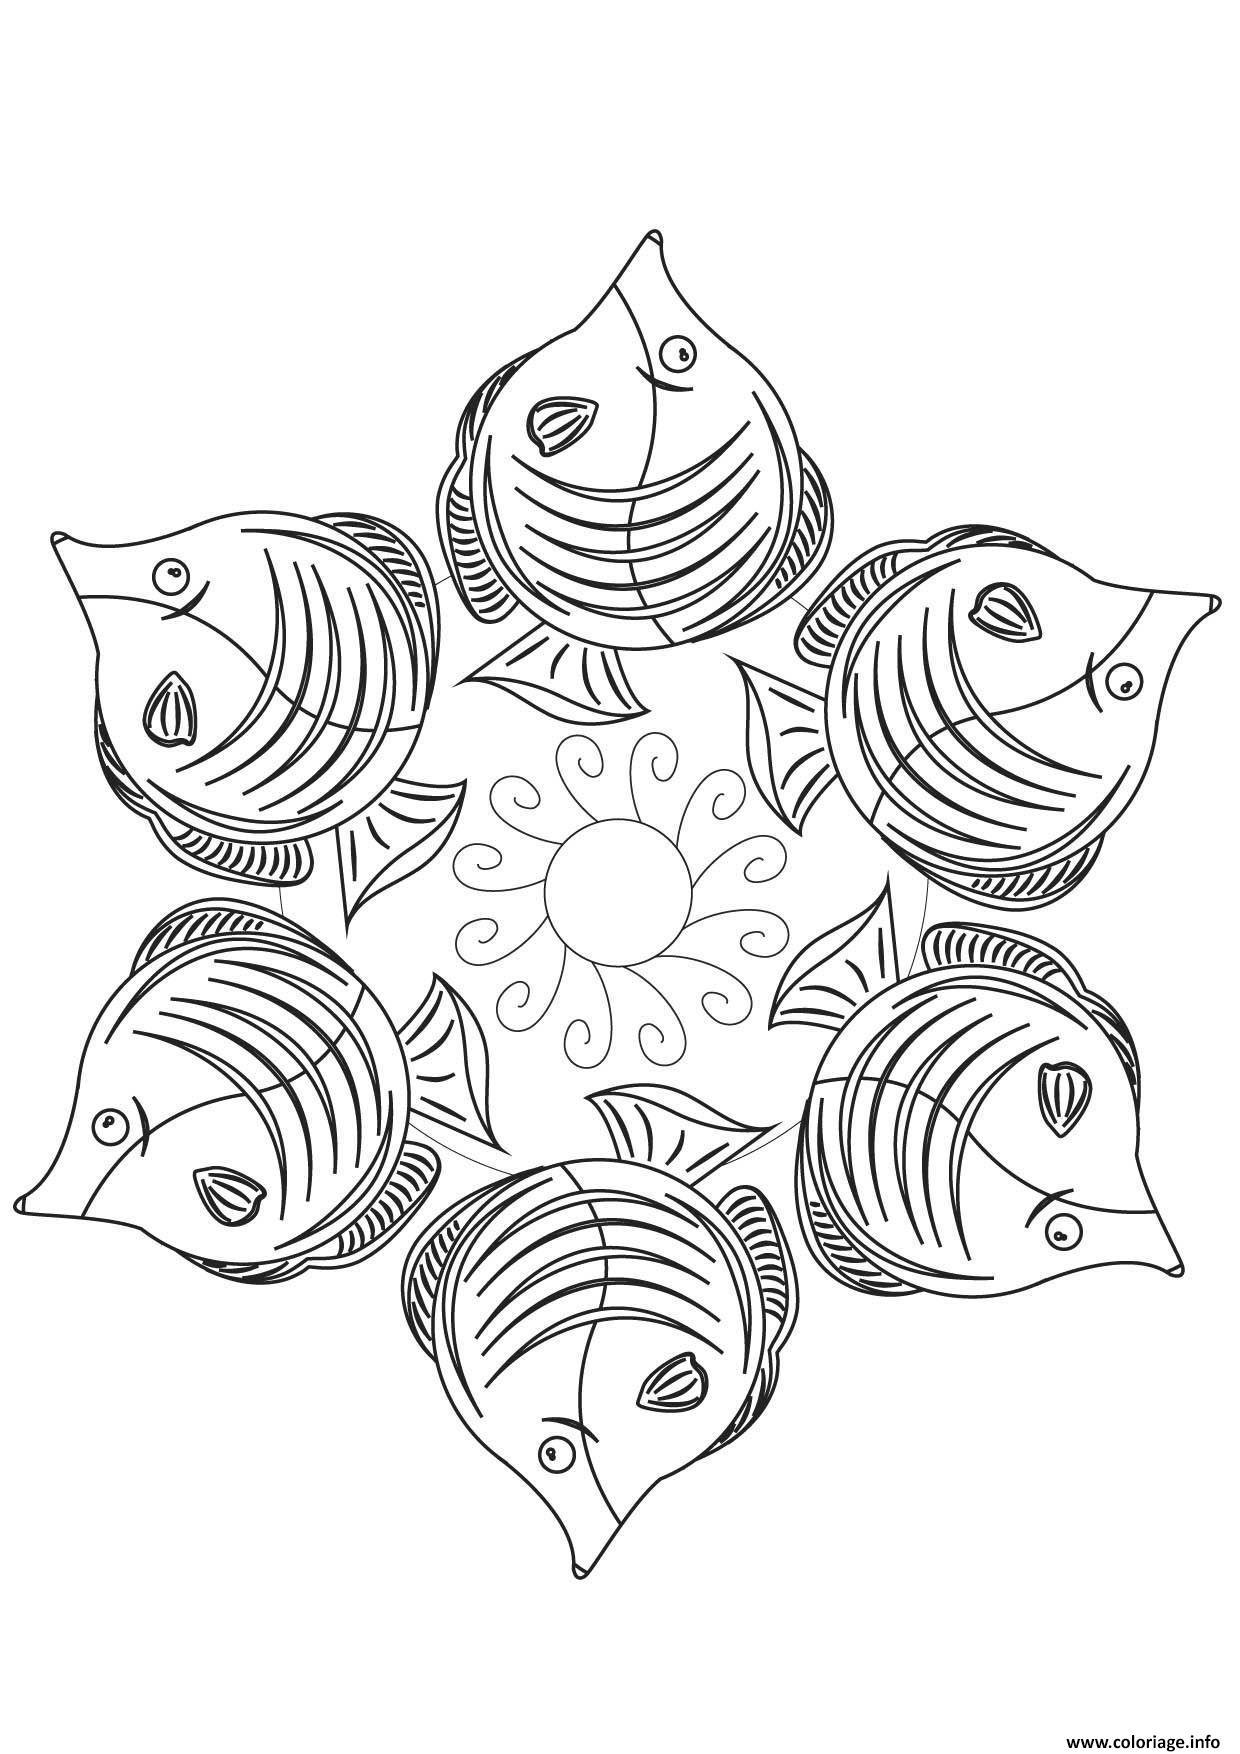 Coloriage Mandala Poisson Jecolorie Com